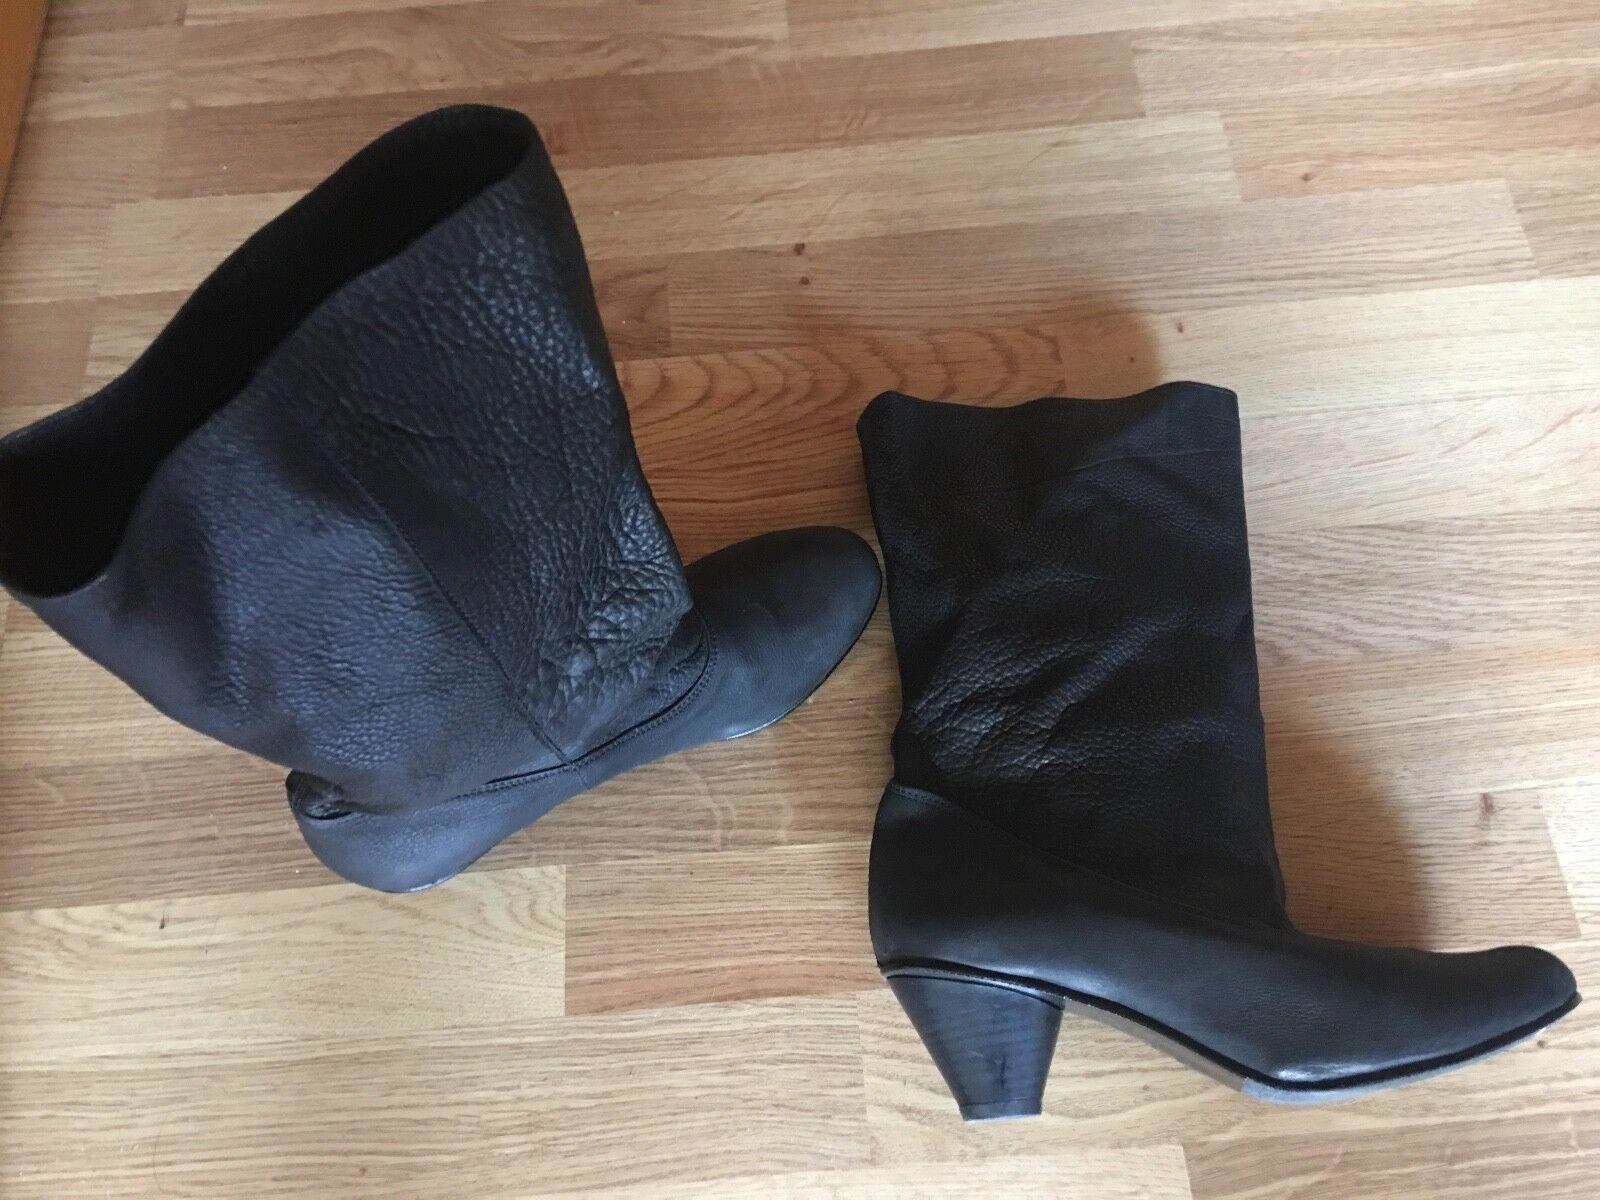 DCO Copenhagen - halbh. Stiefel - breiter Schaft - schwarz NW  Leder - Gr.40 - NW schwarz 14508e